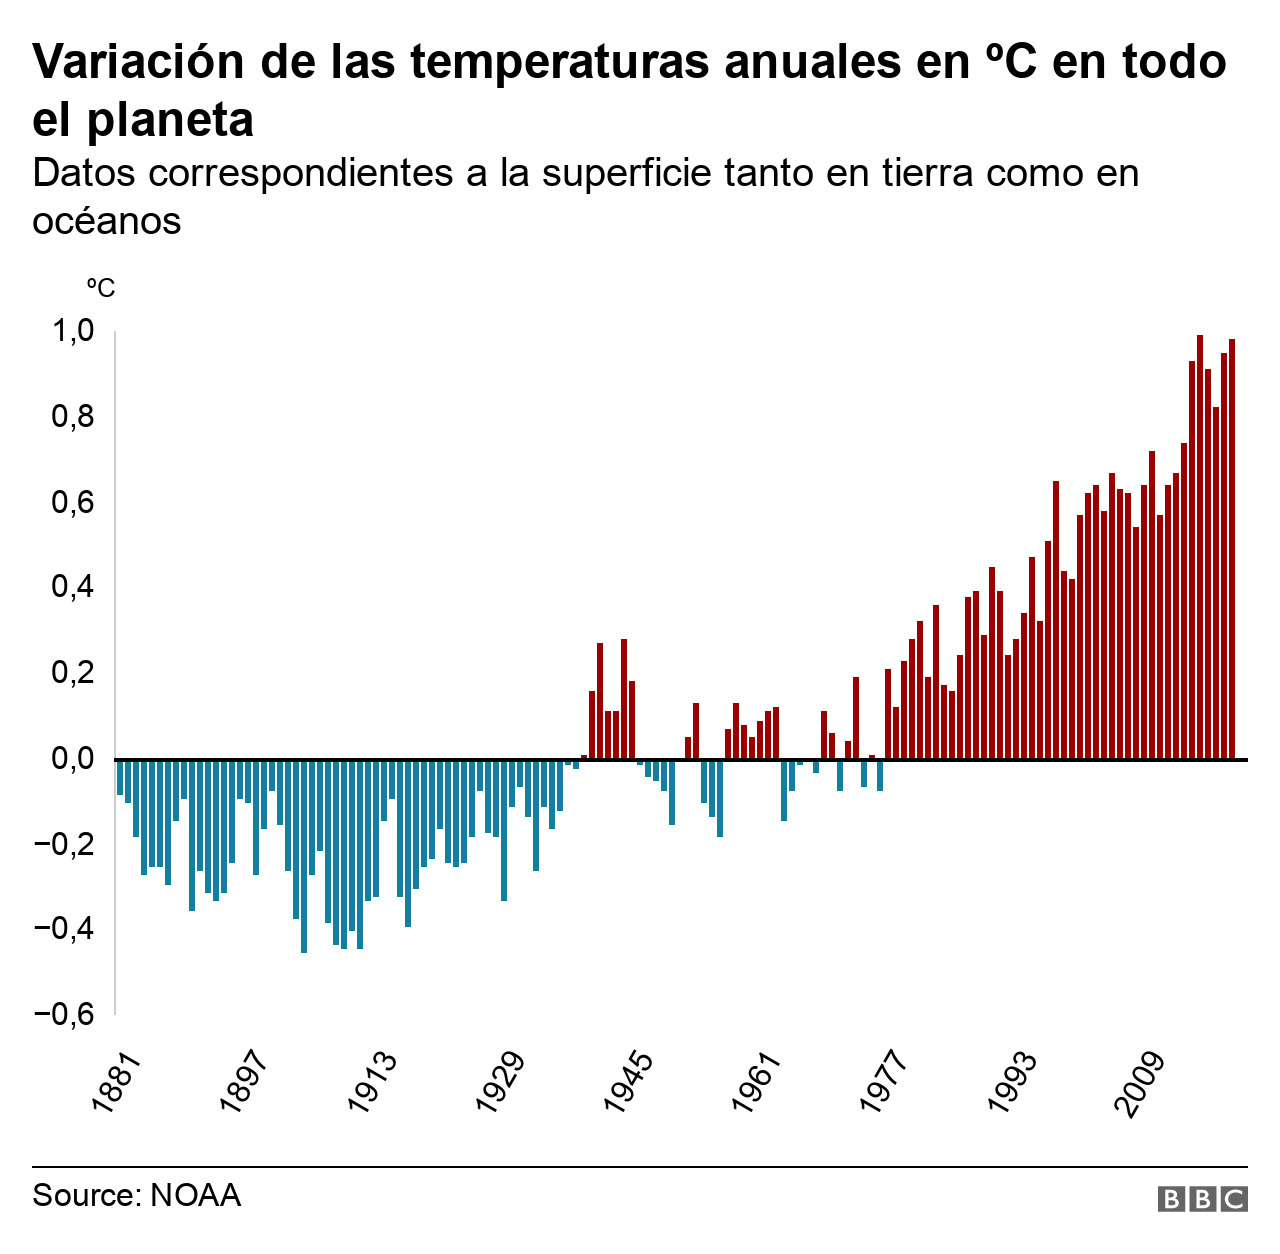 Gráfico variación temperaturas anuales